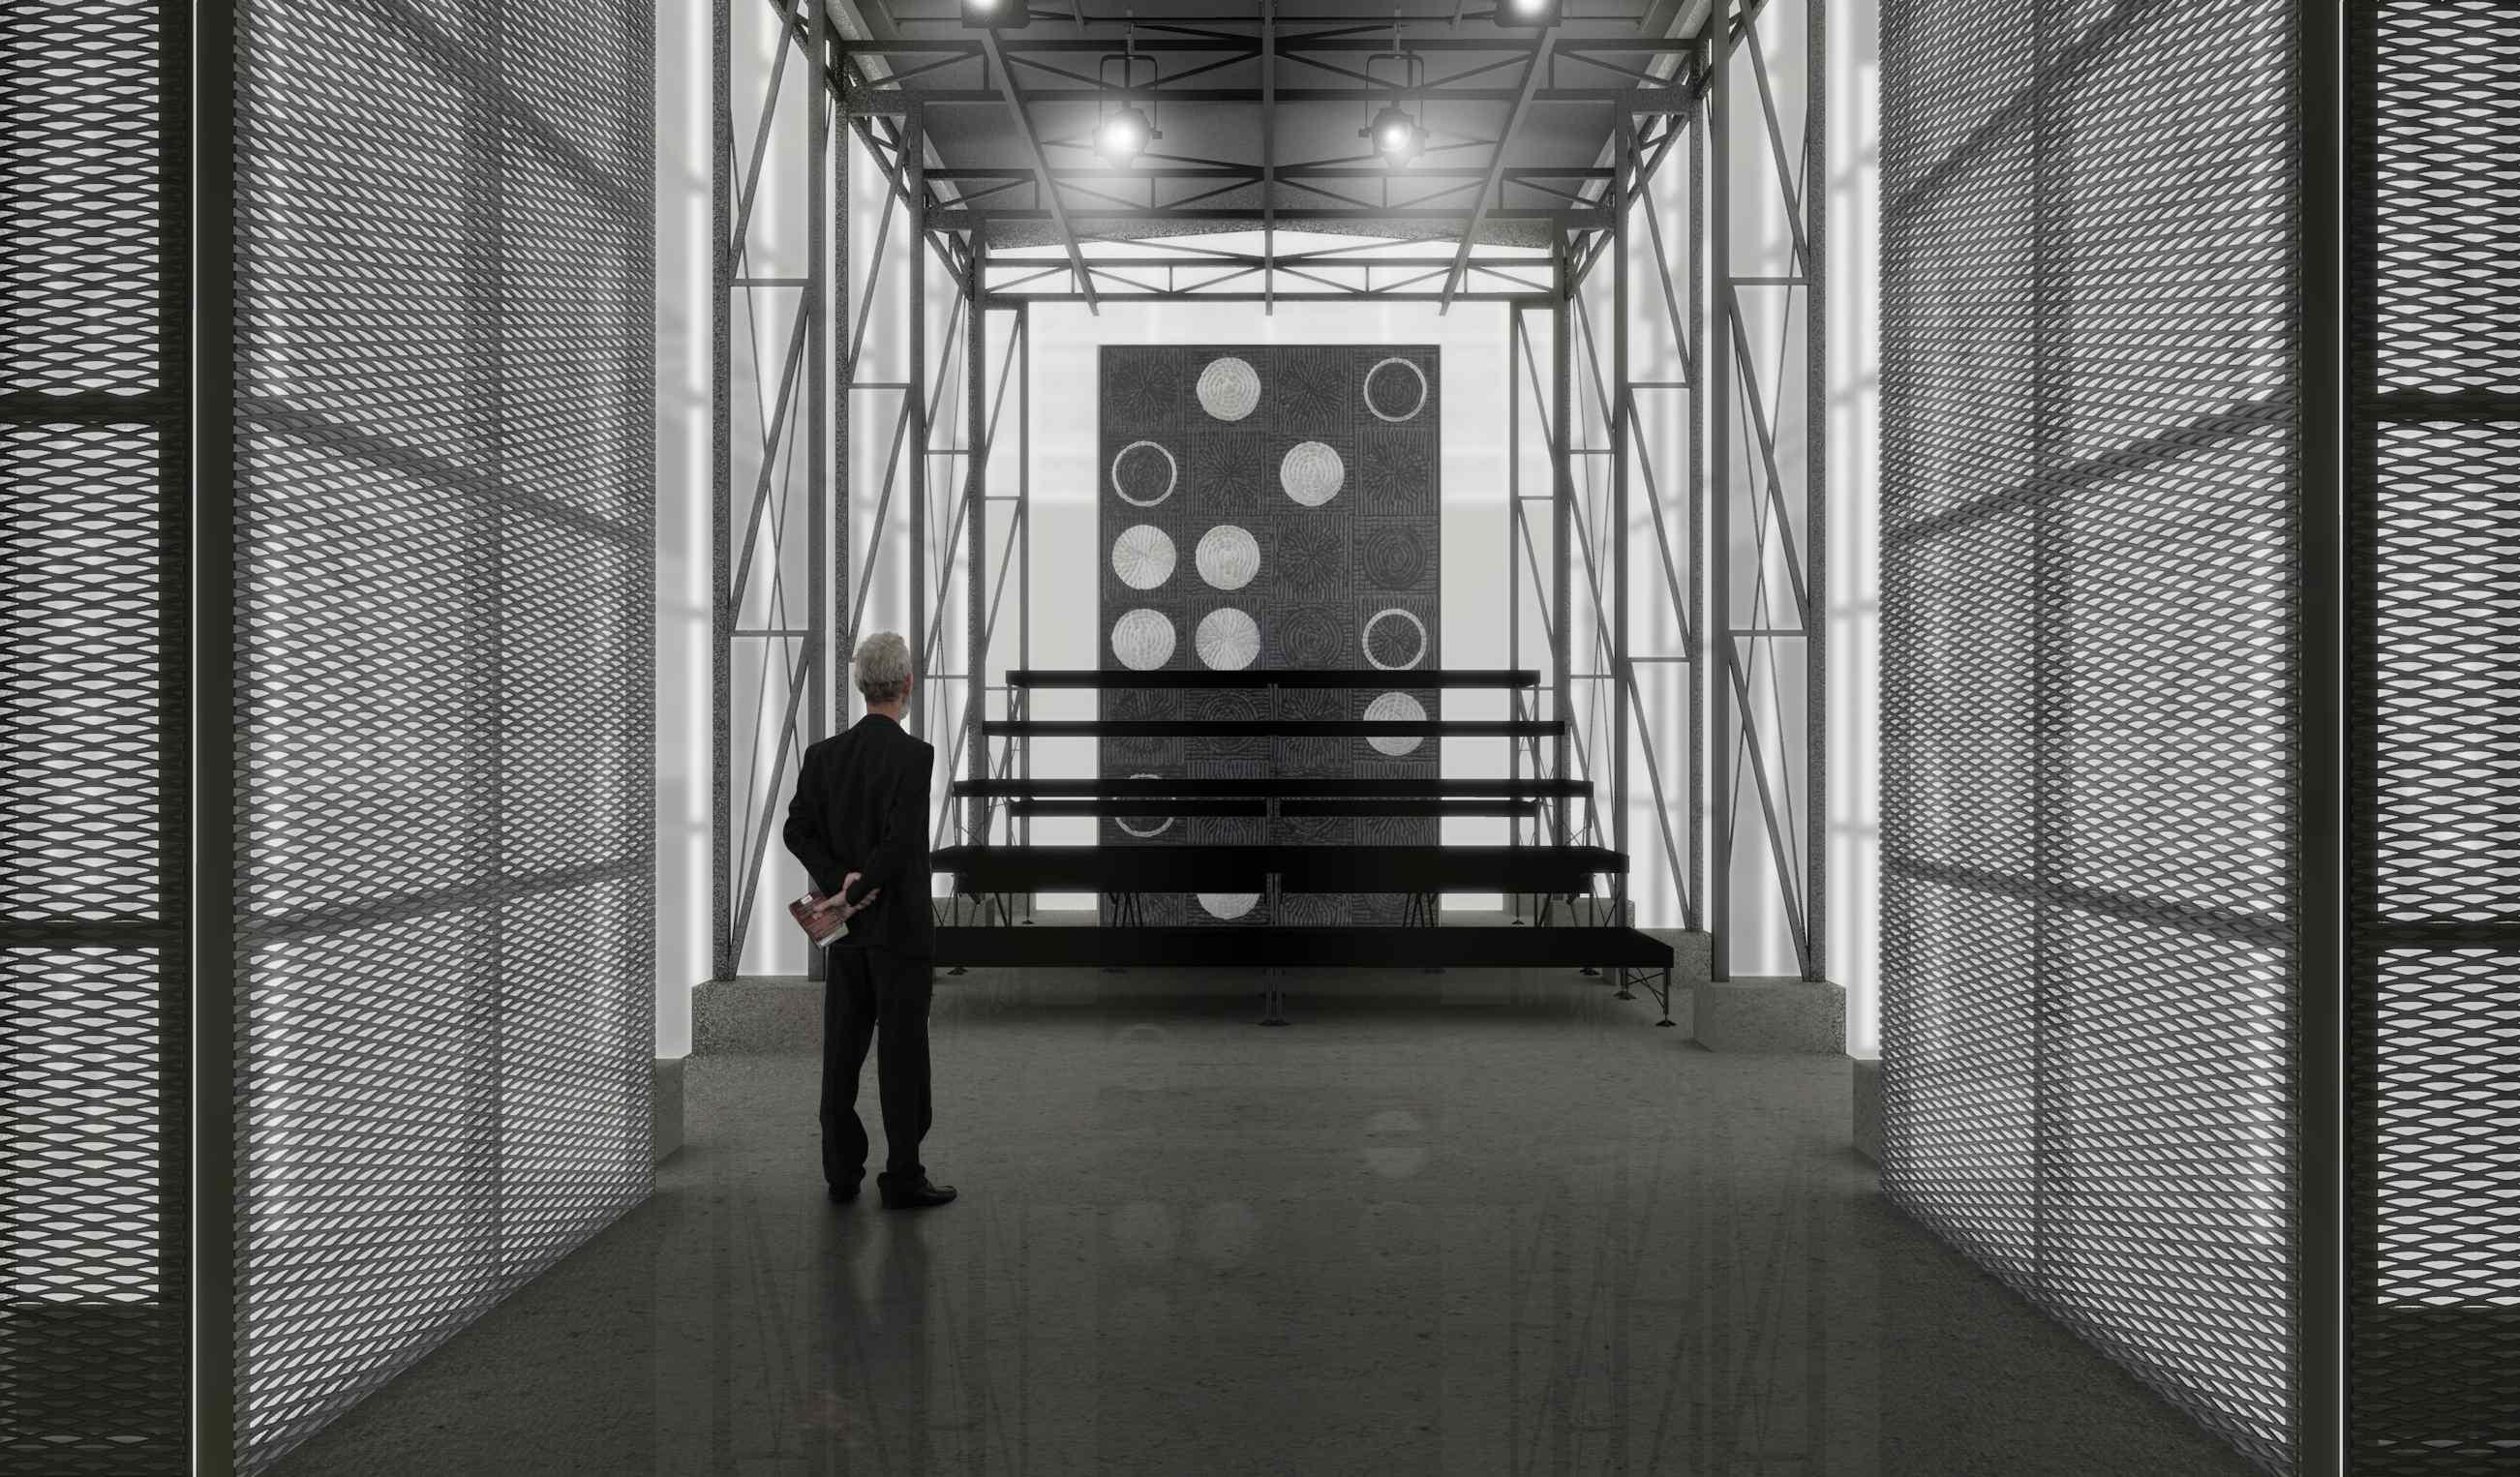 Teatro Multiuso - perspectiva interna - Crédito Haiko Cirne Sinnema